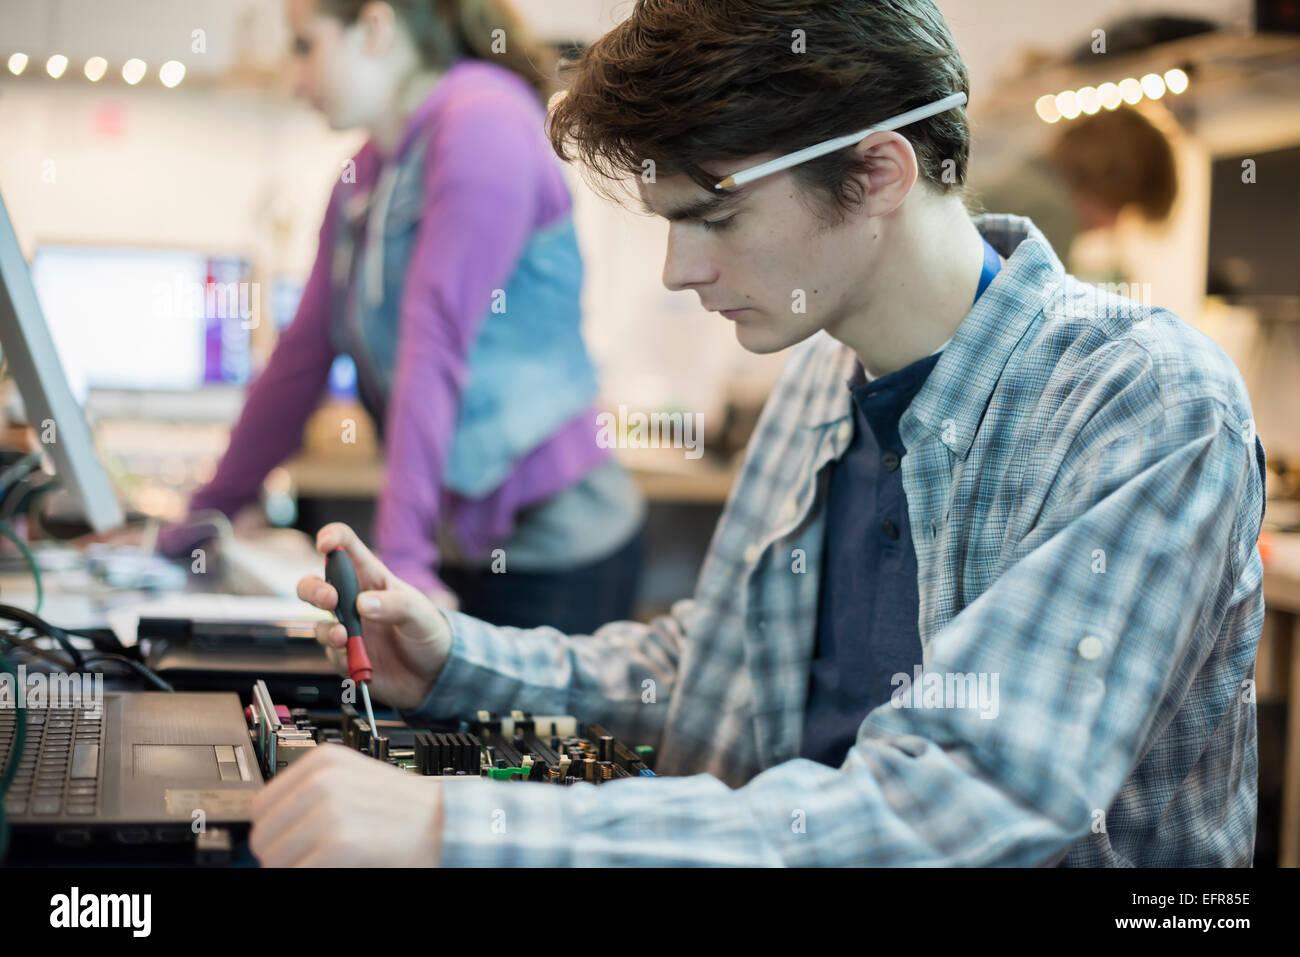 Zwei Personen in einem Computer-Werkstatt. Techniker, jungen Menschen arbeiten, um Computer zu reparieren. Stockbild